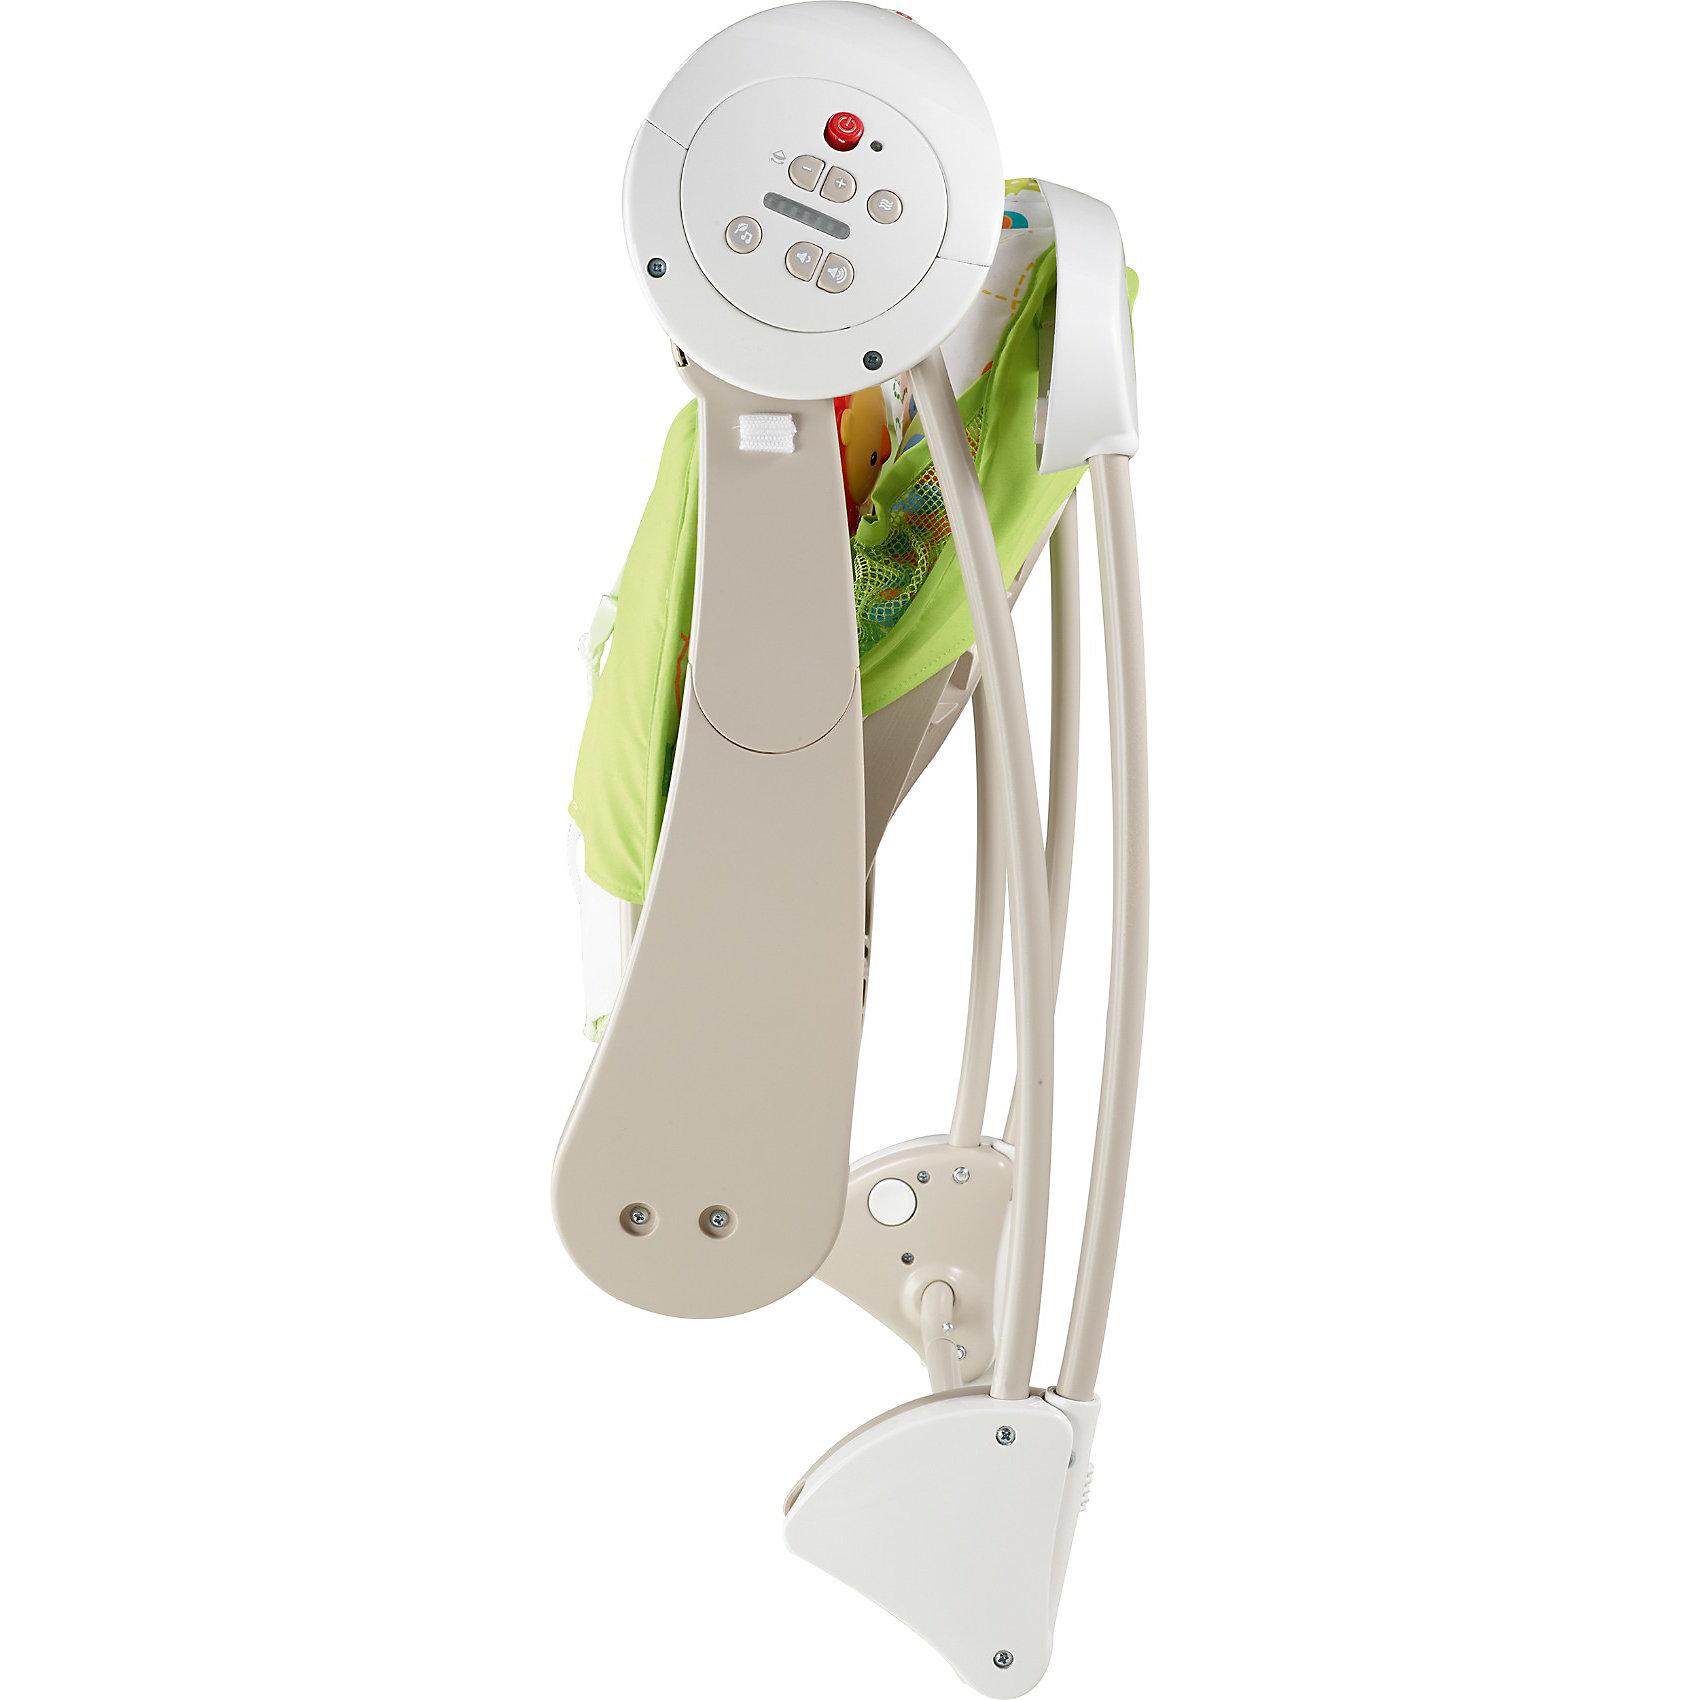 Переносное кресло-качели Друзья из тропического леса, Fisher-price (Mattel)